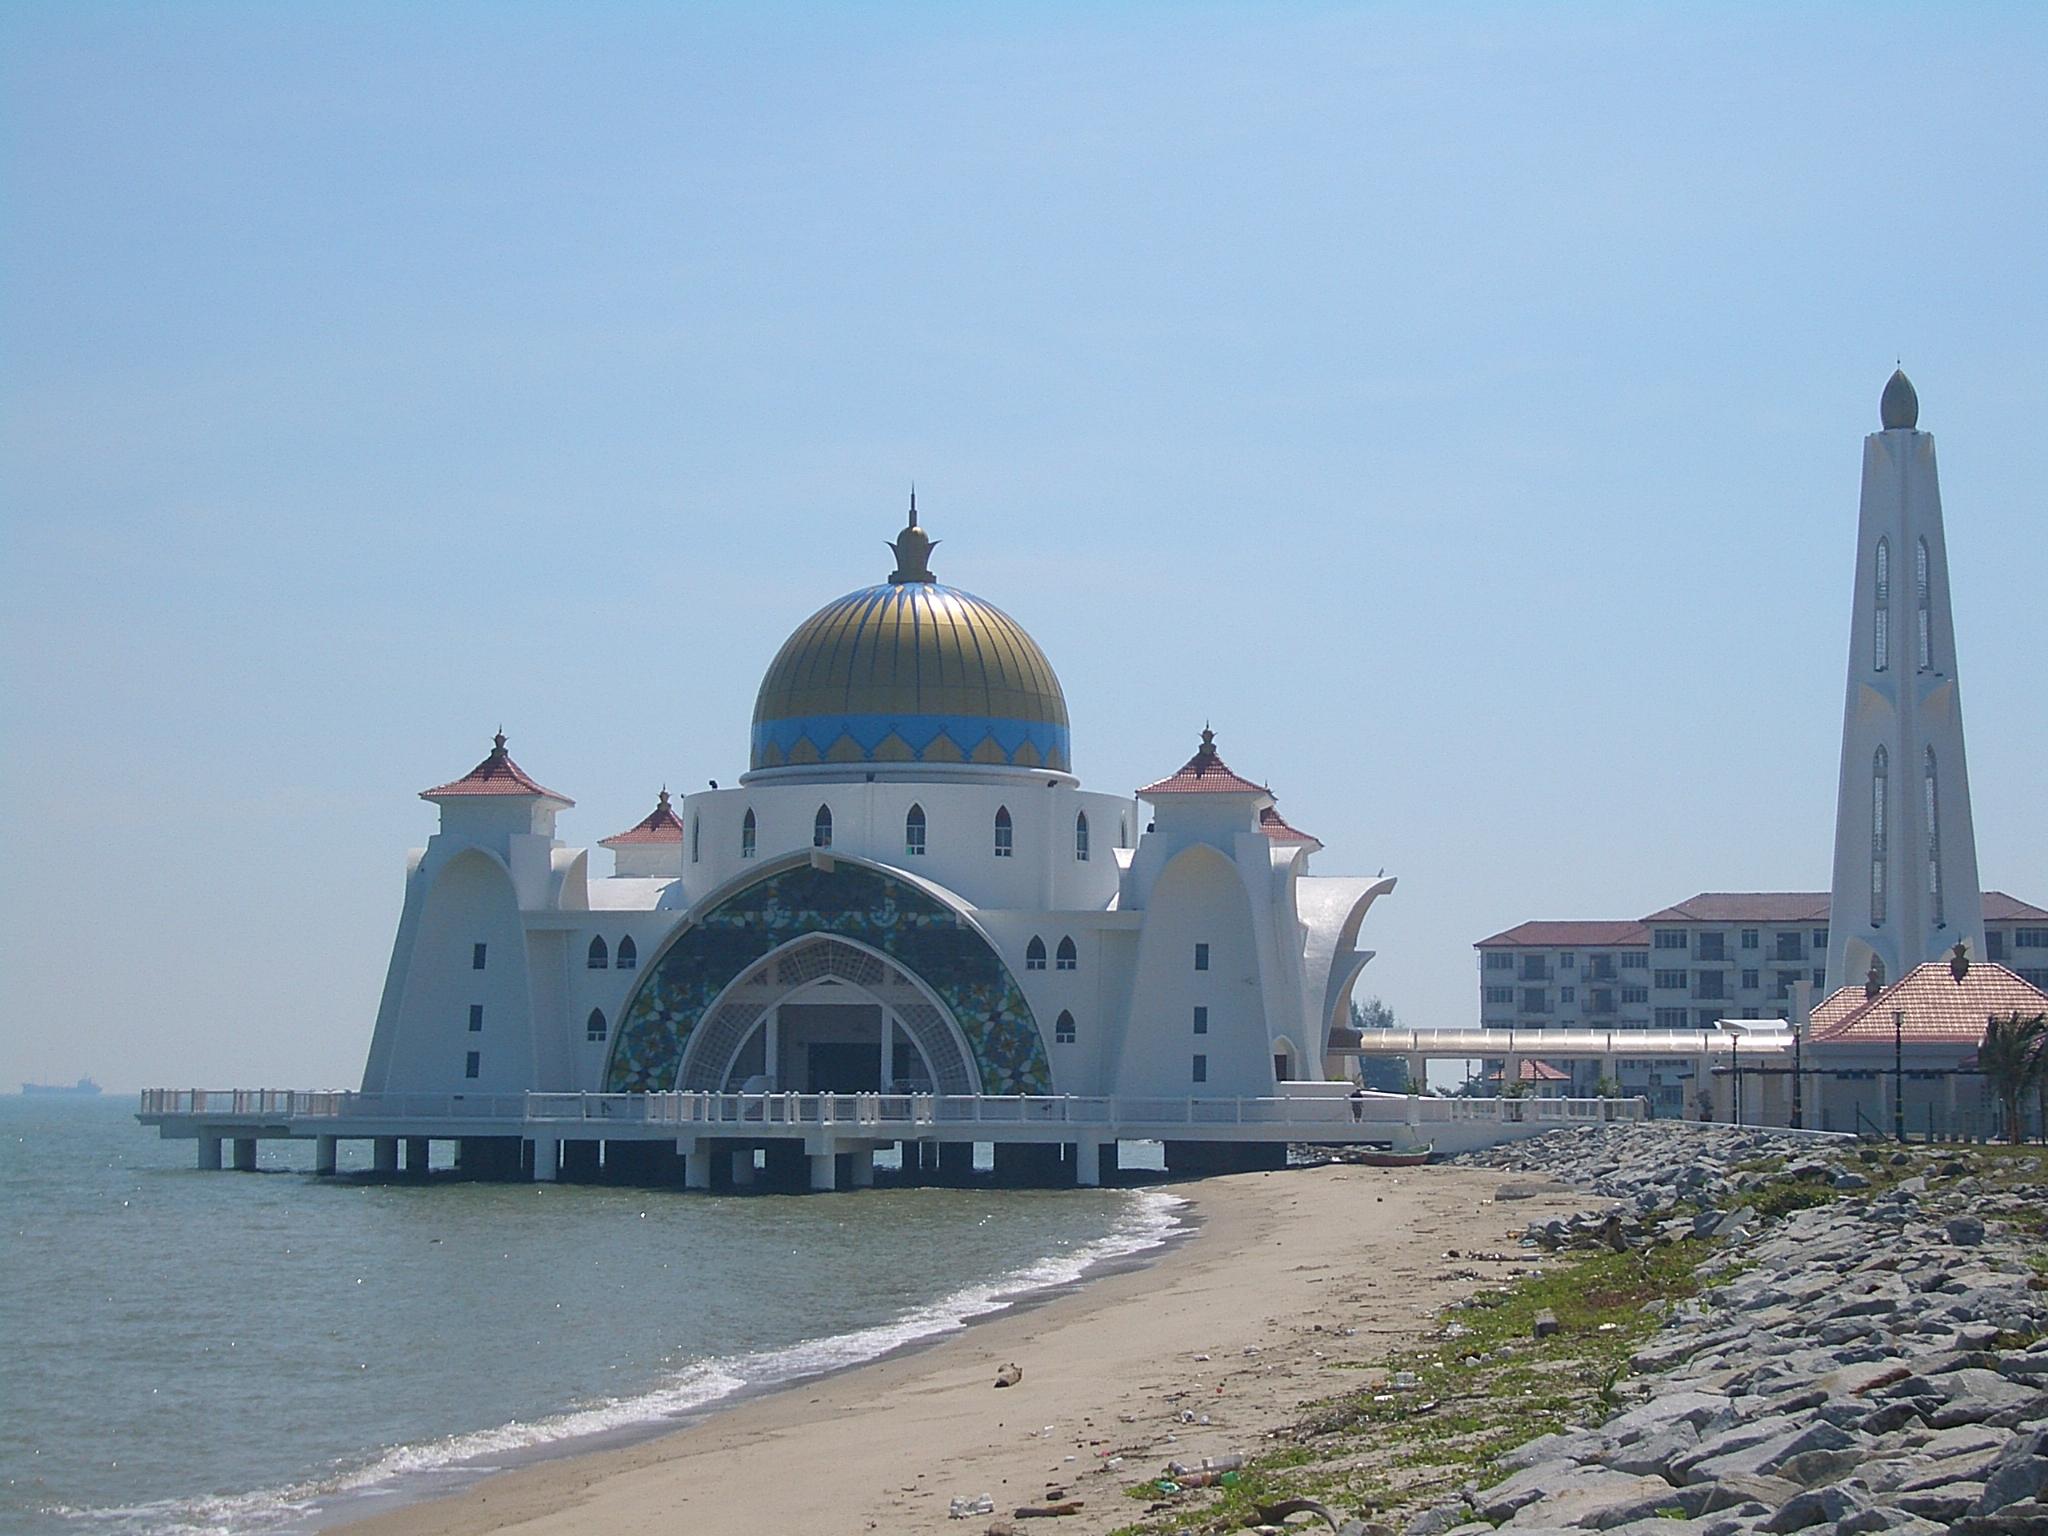 Homestay Masjid Selat Melaka File:masjid-selat-melaka-2258